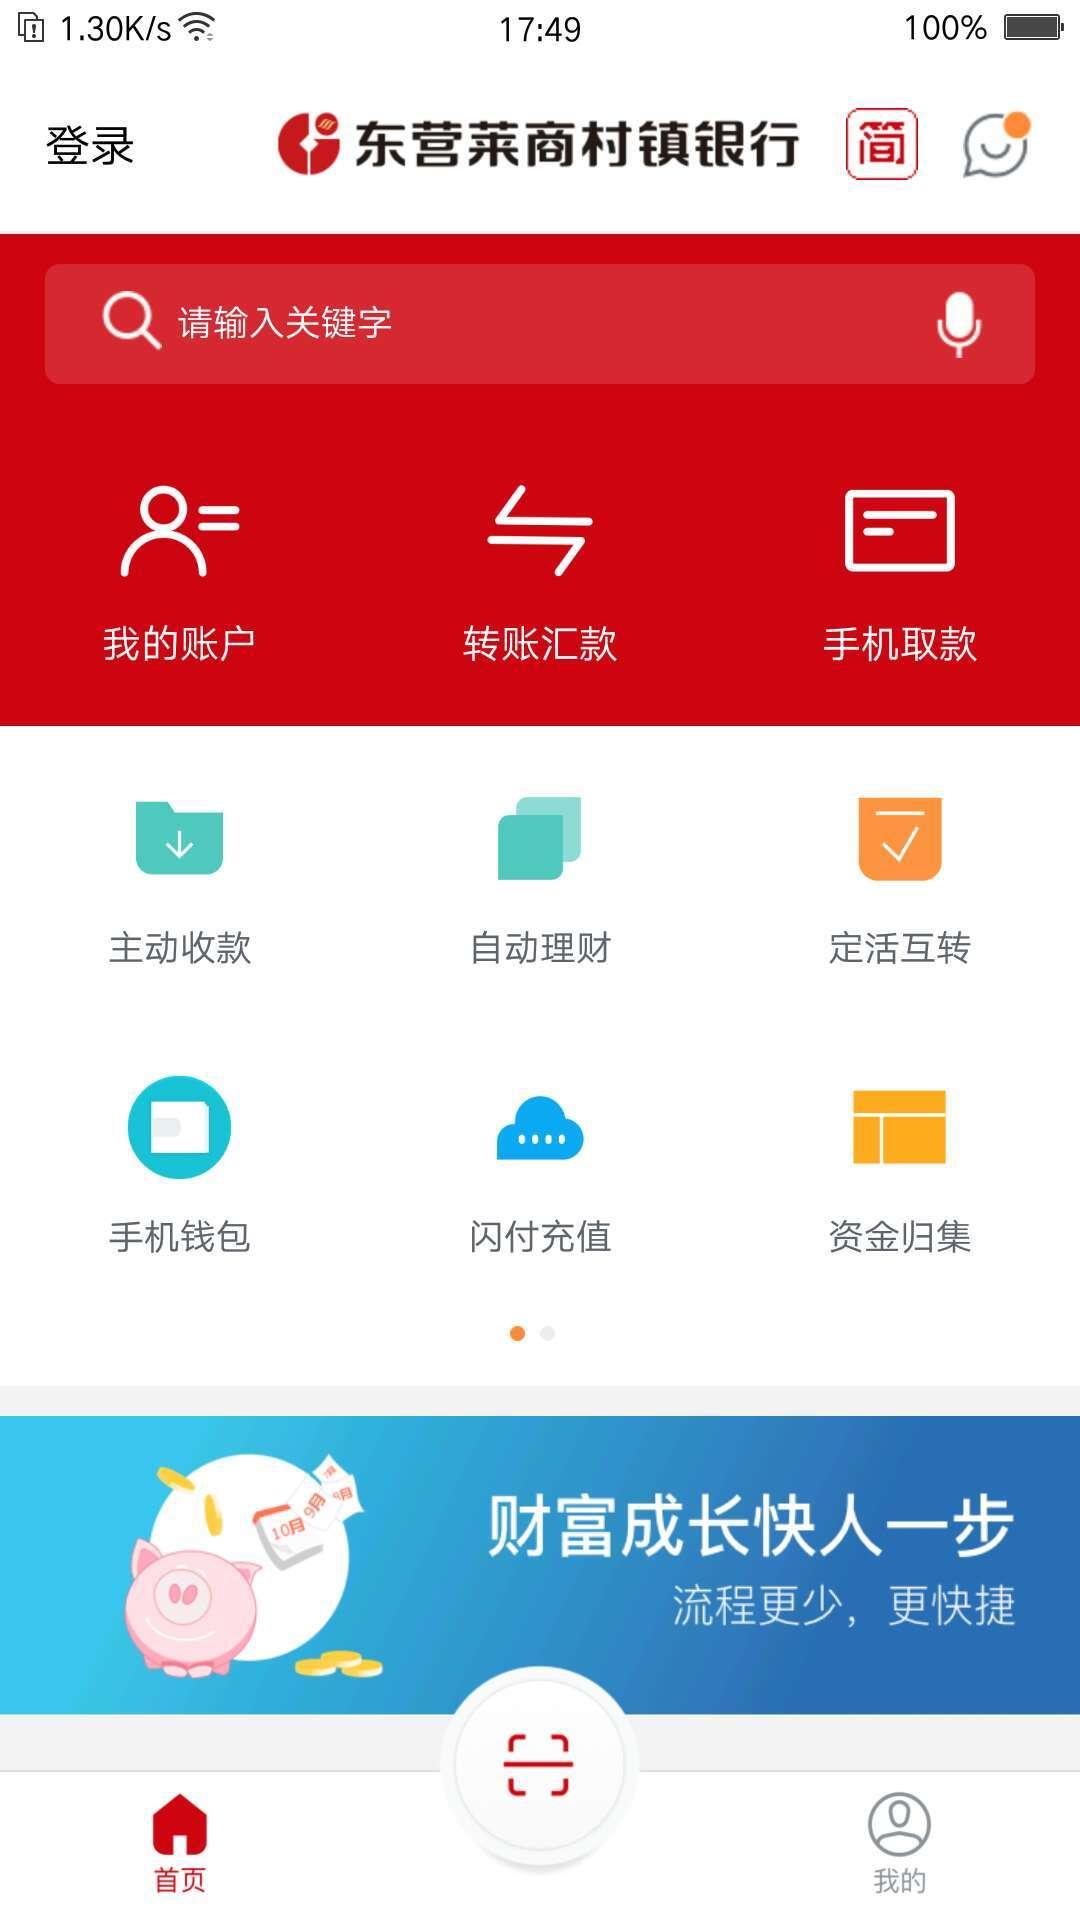 东营莱商村镇银行软件截图2